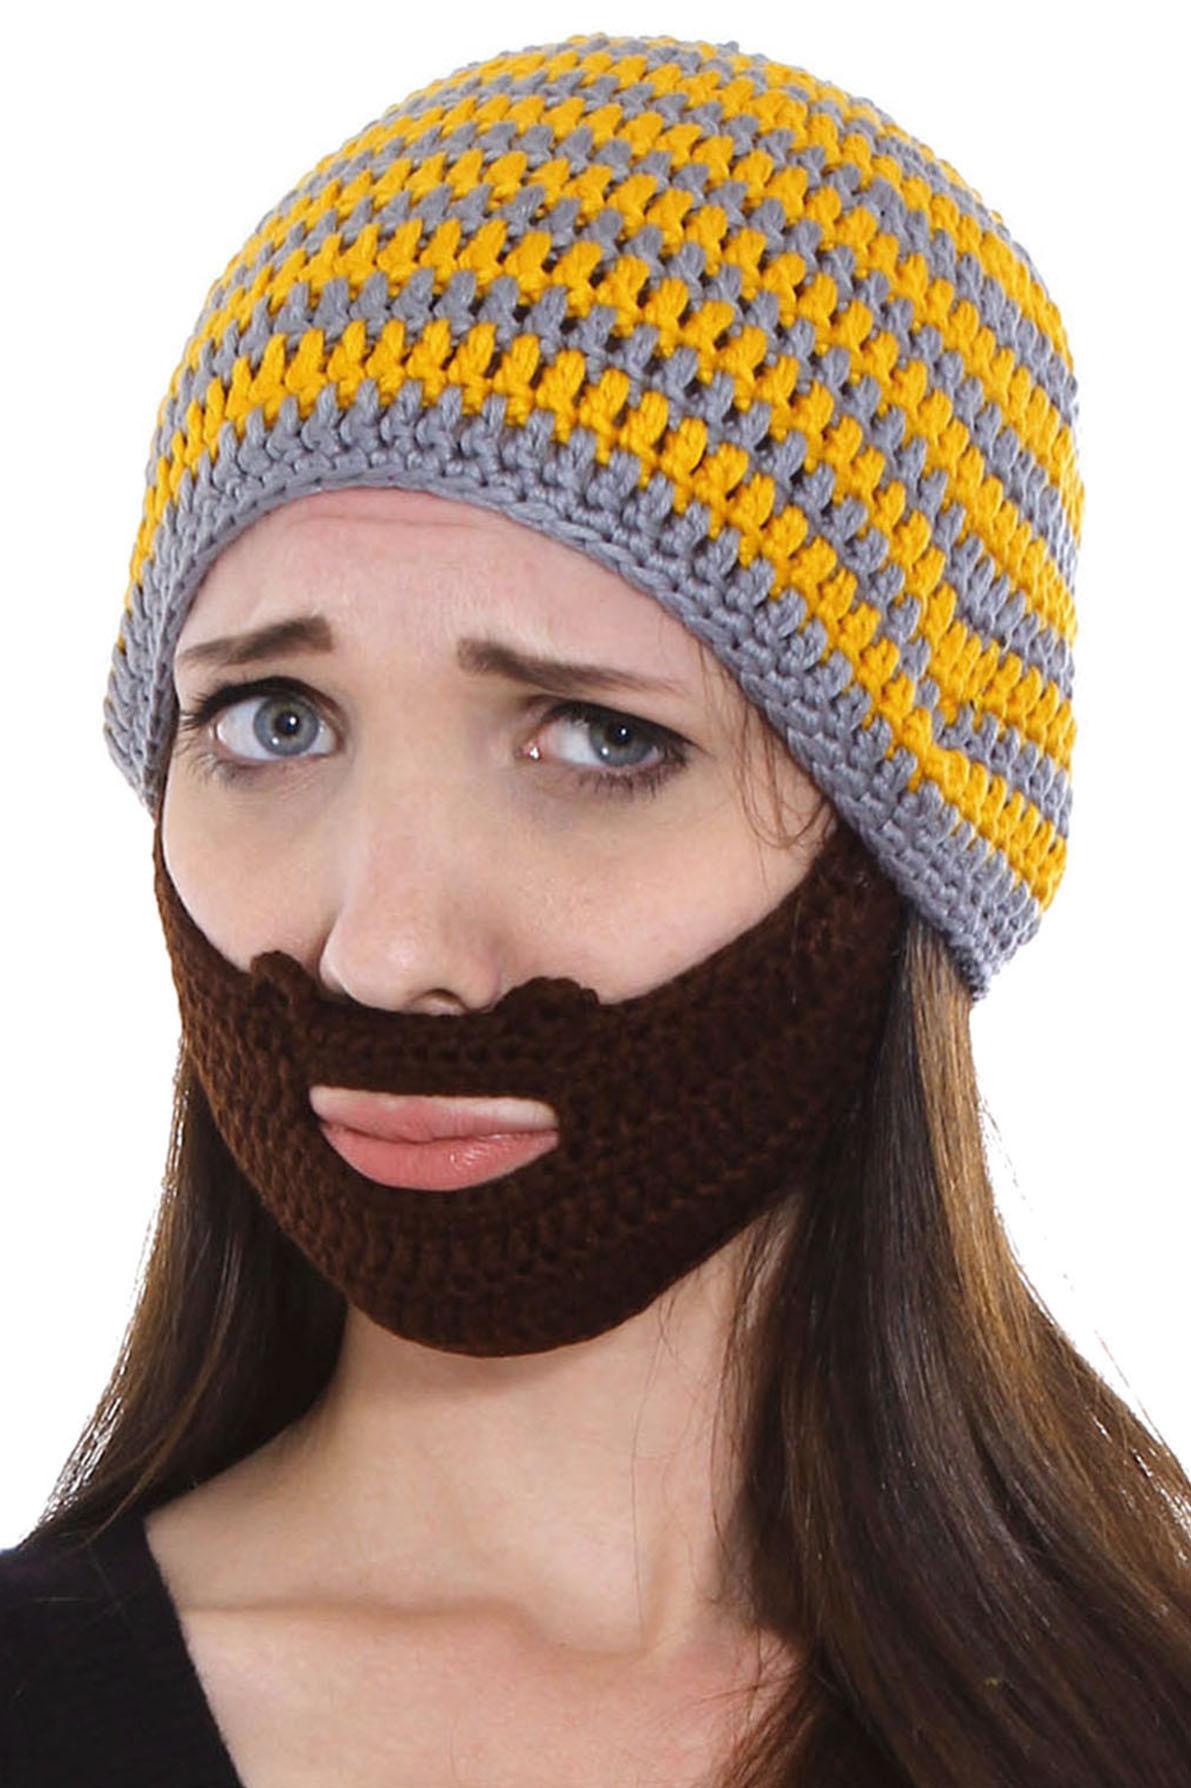 Simplicity Simplicity Beard Hat Knit Winter Beanie Mustache Mask